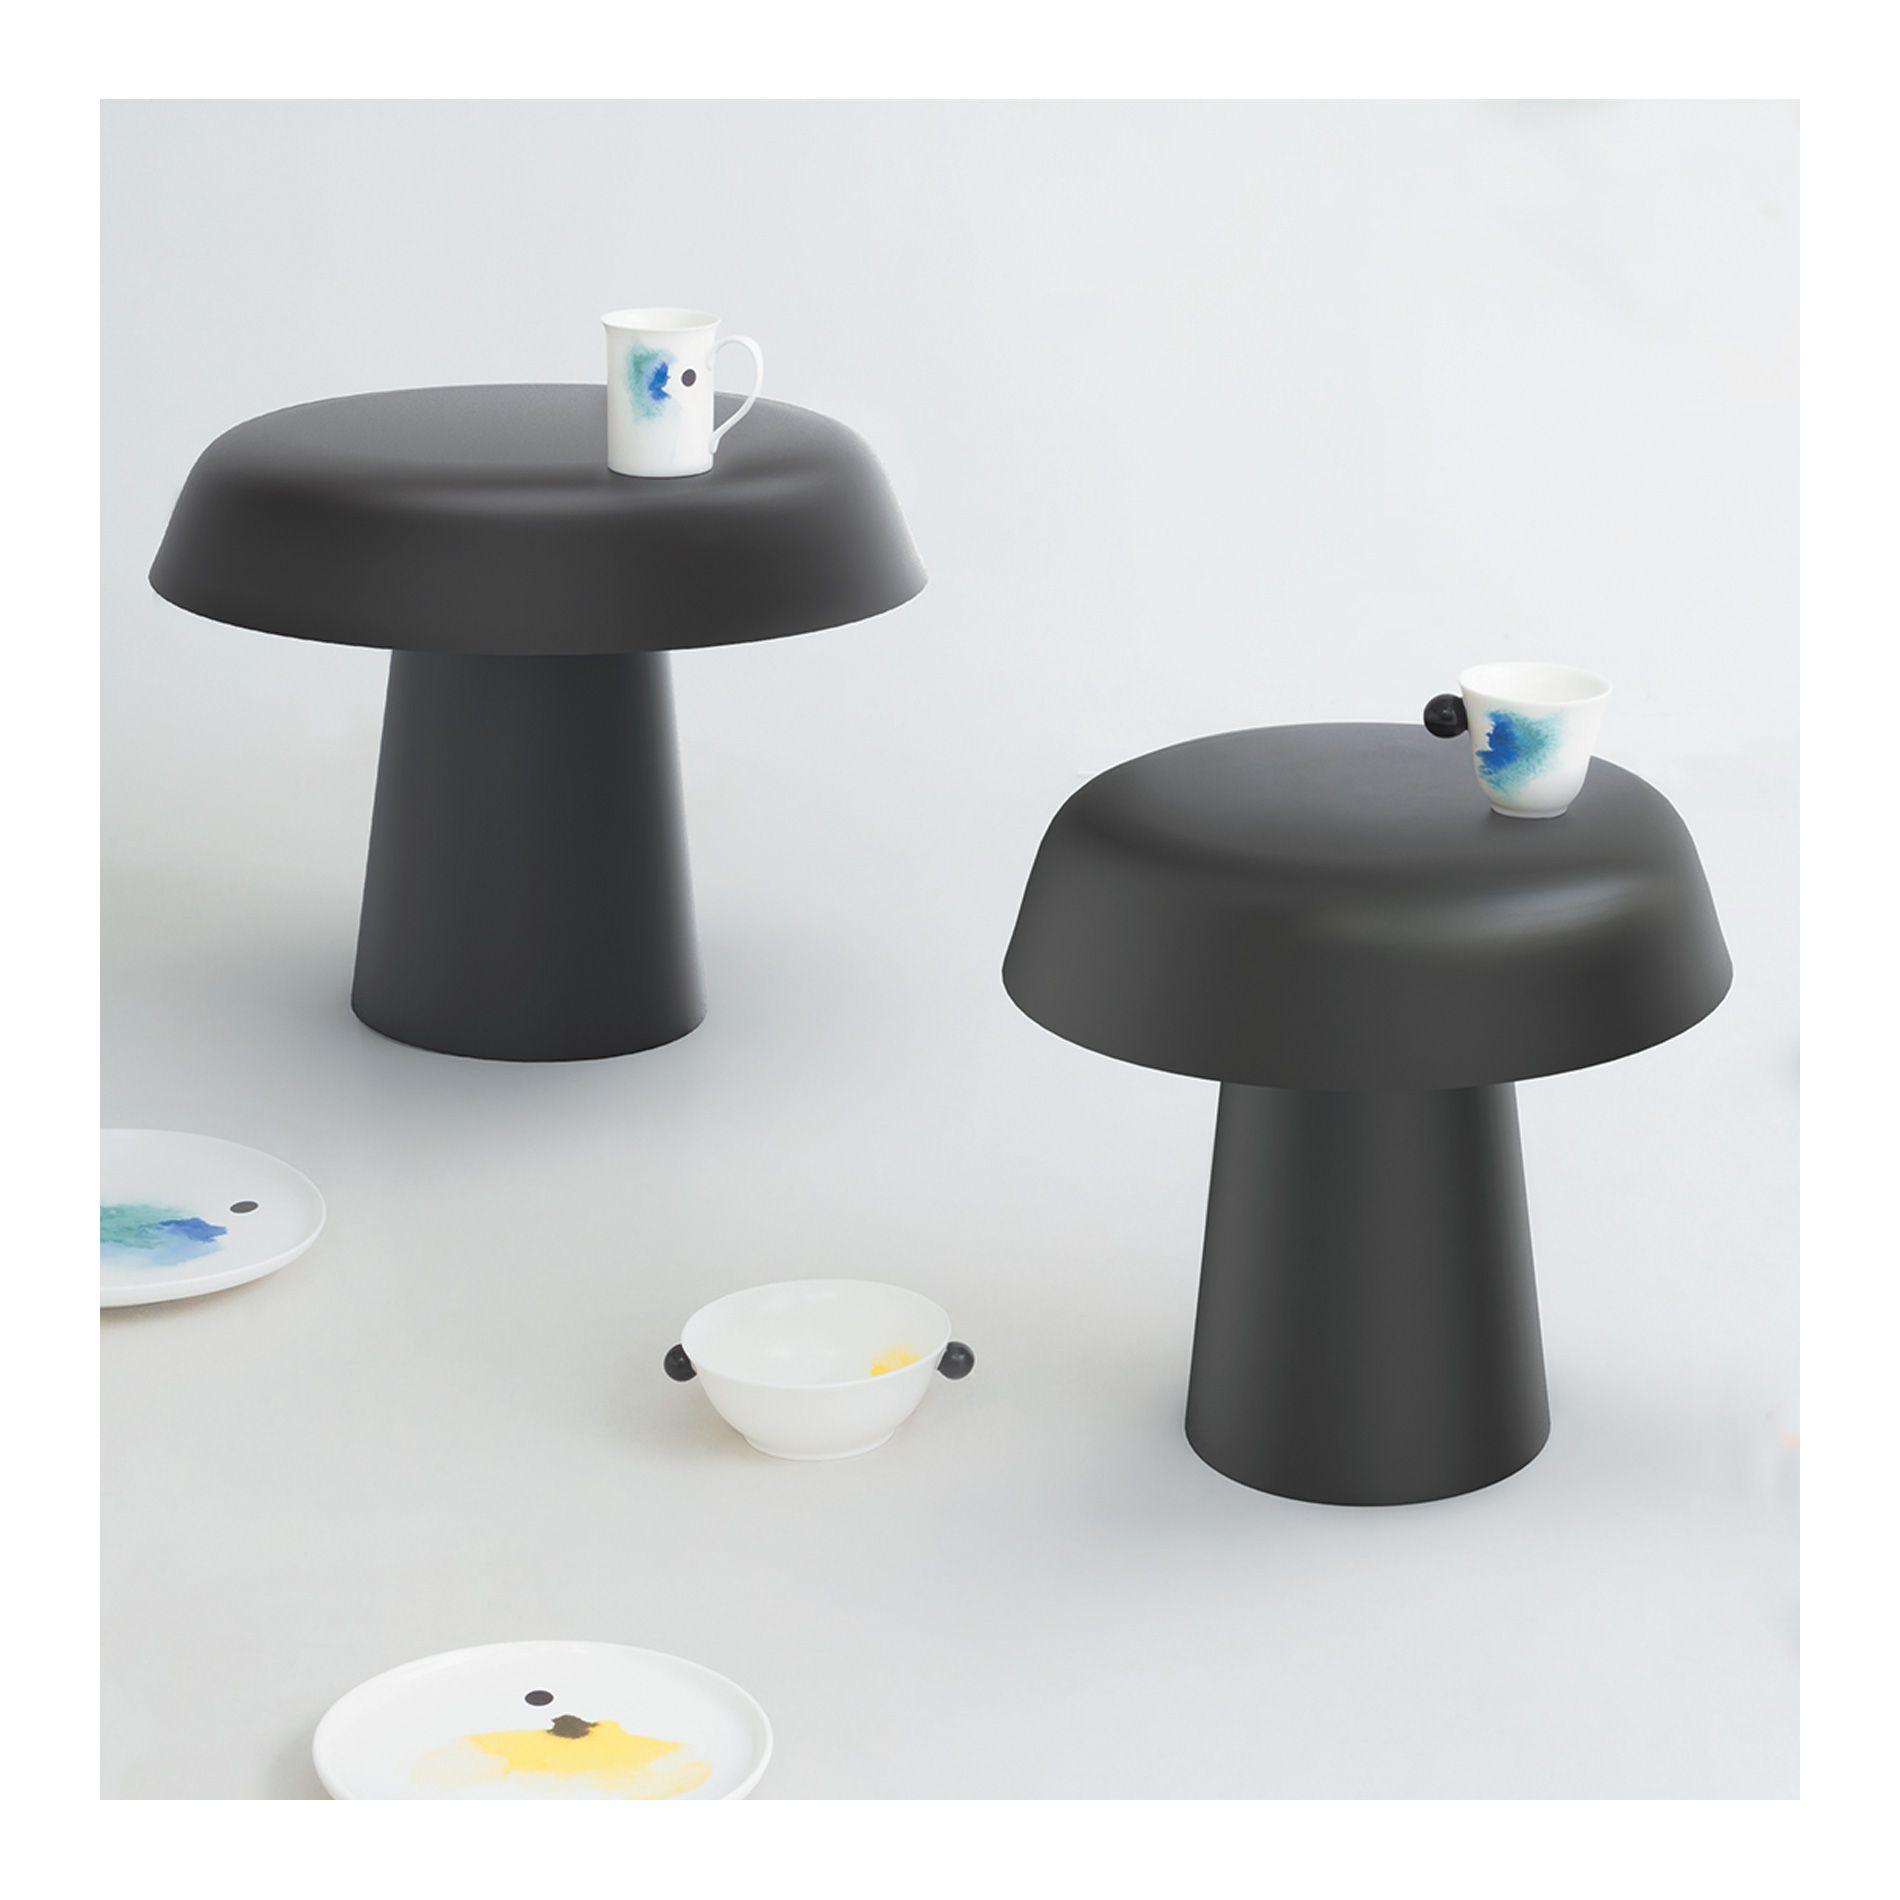 Table grand modèle - Constance Guisset pour Monoprix | ma ...